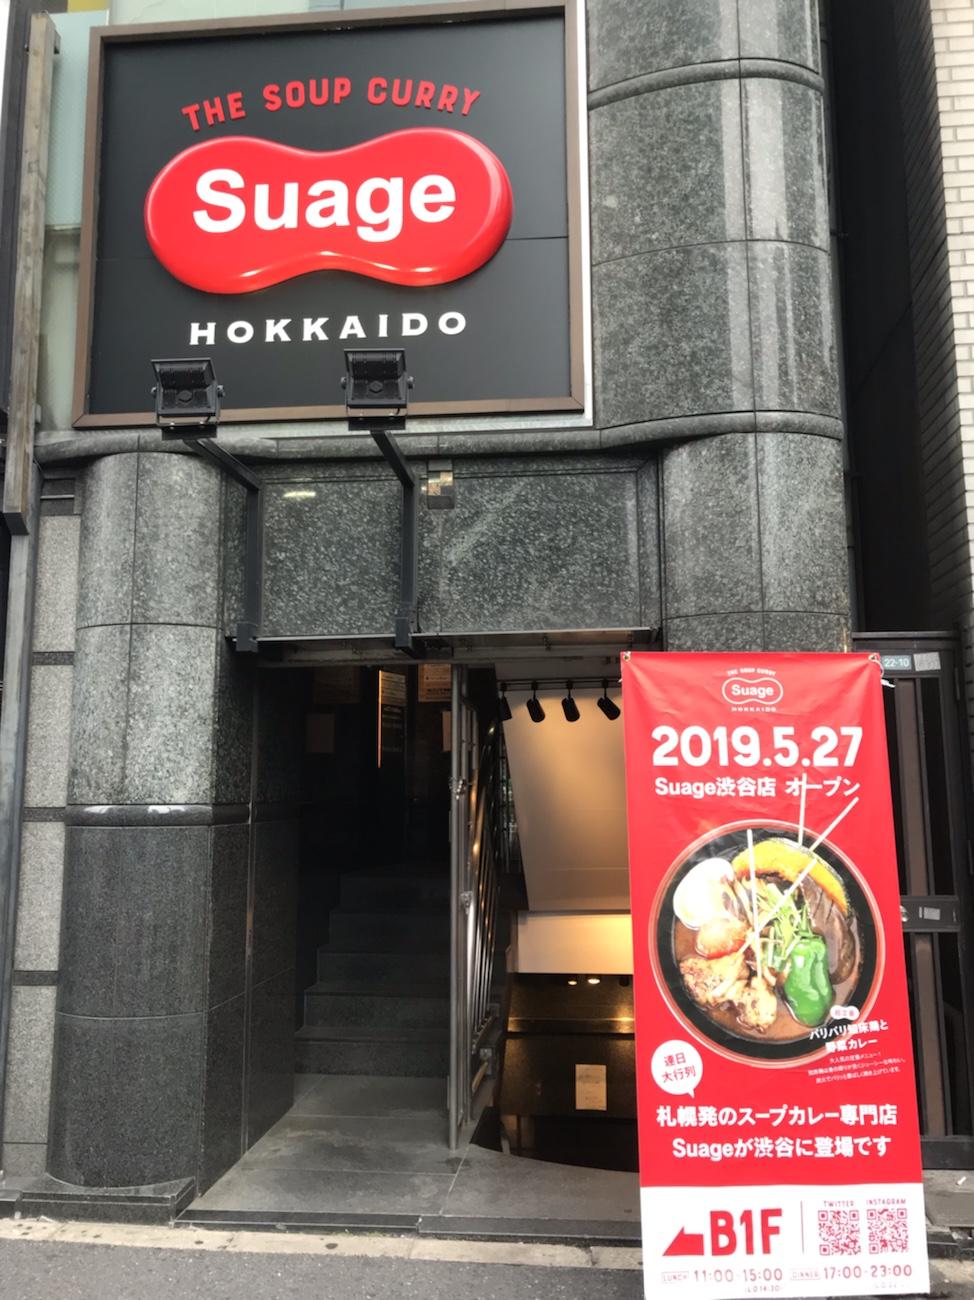 北海道スープカレーSuage(すあげ)渋谷店 行列